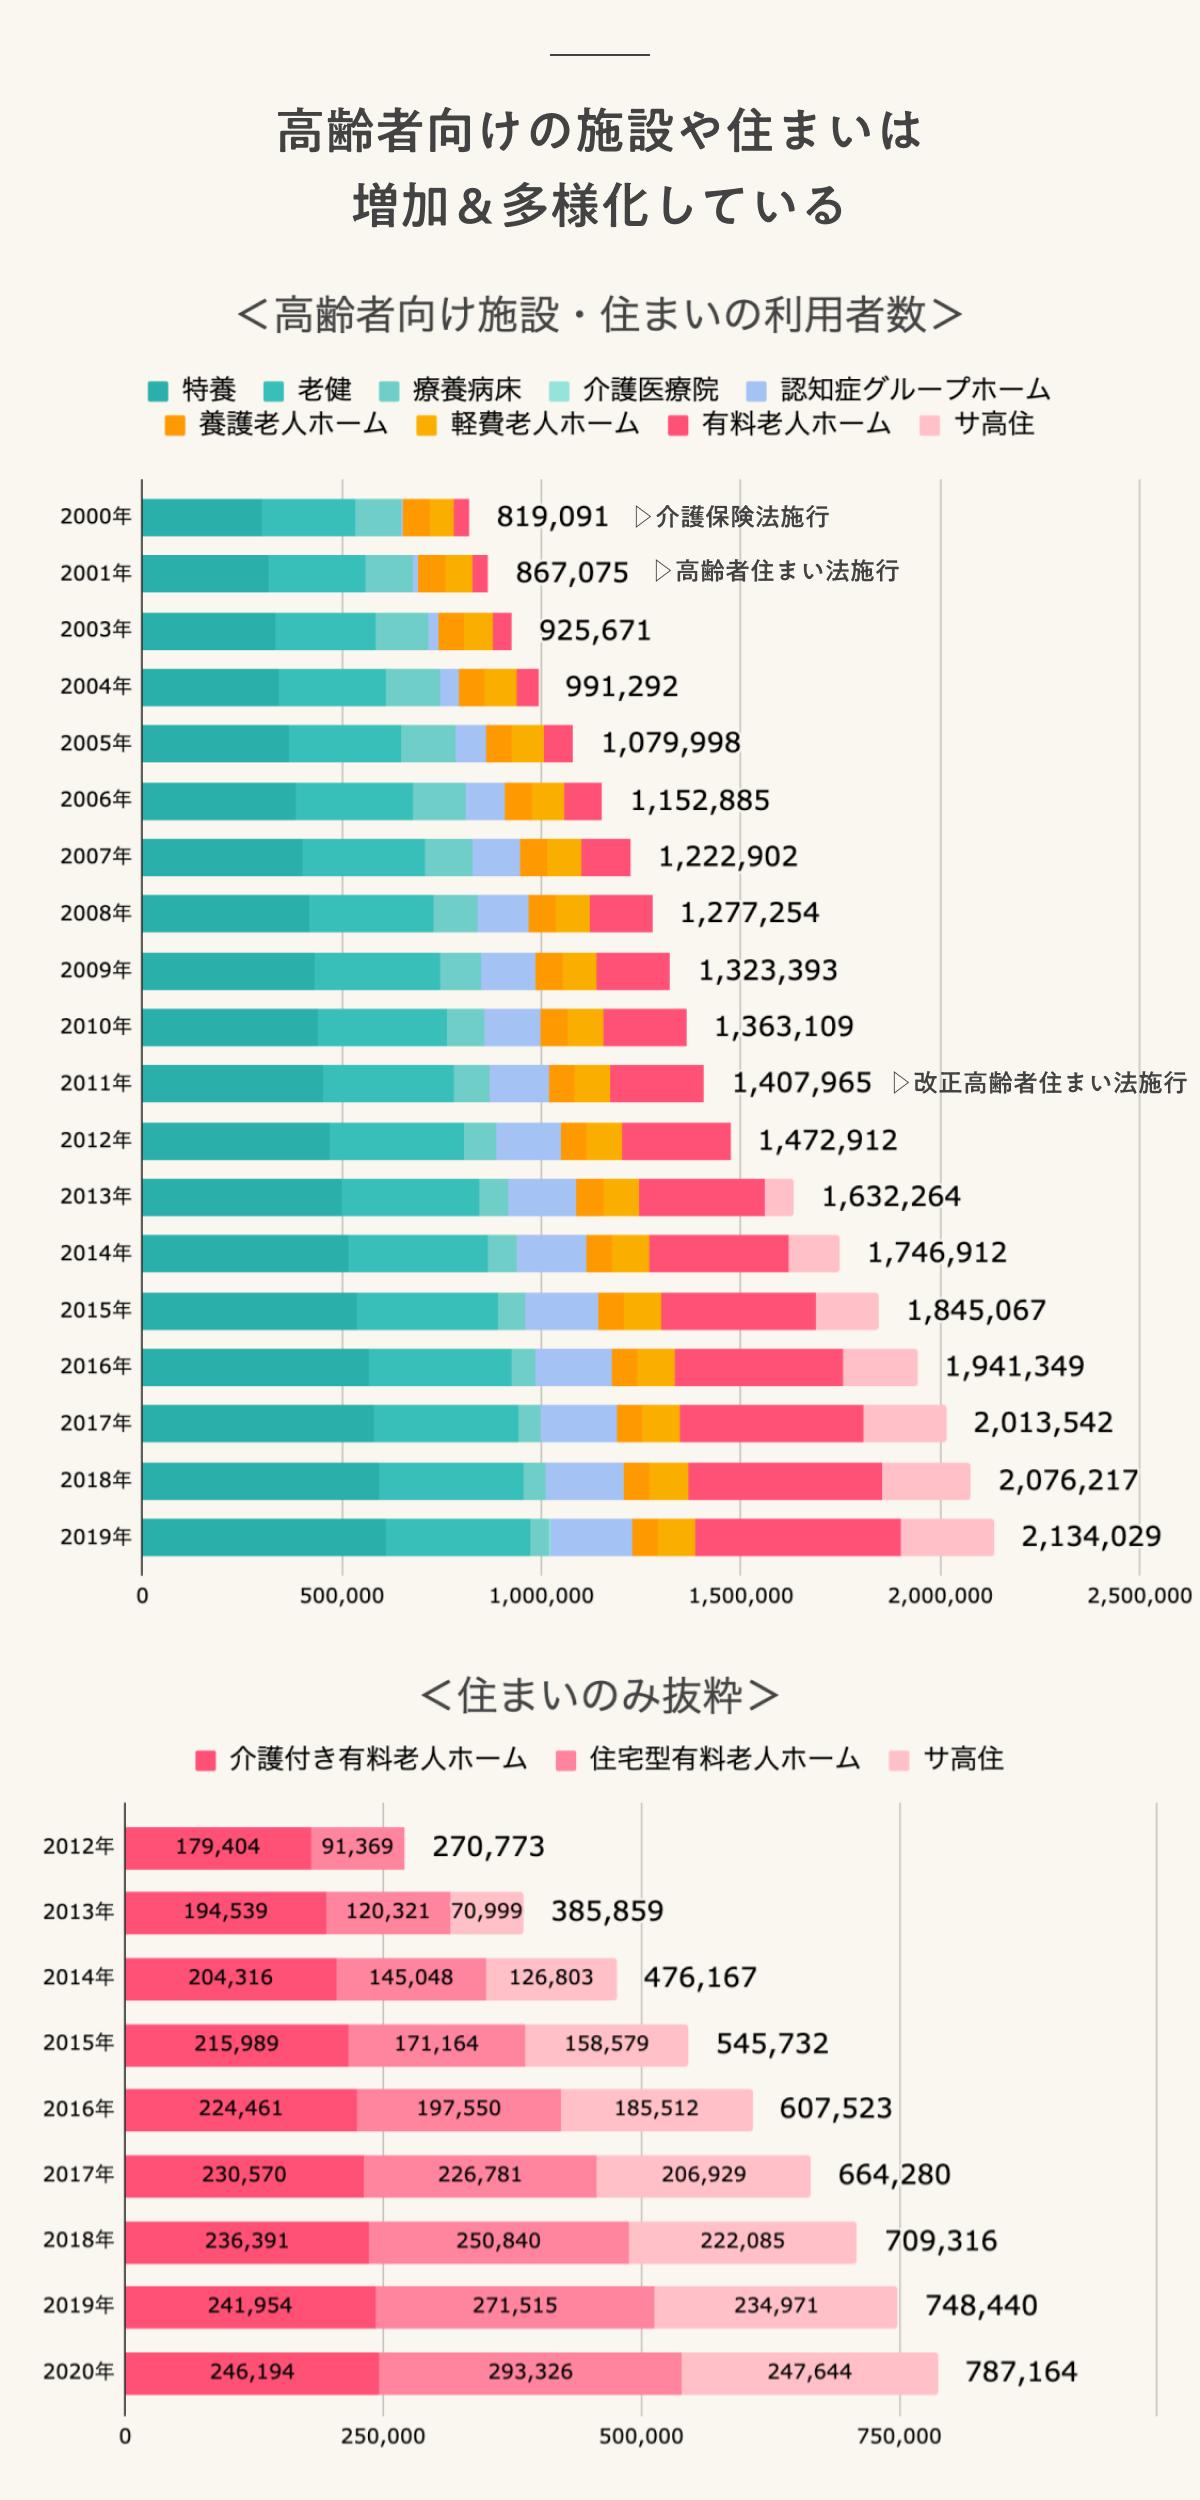 高齢者向けの施設や住まいは増加&多様化している 高齢者向け施設・住まいの利用者数